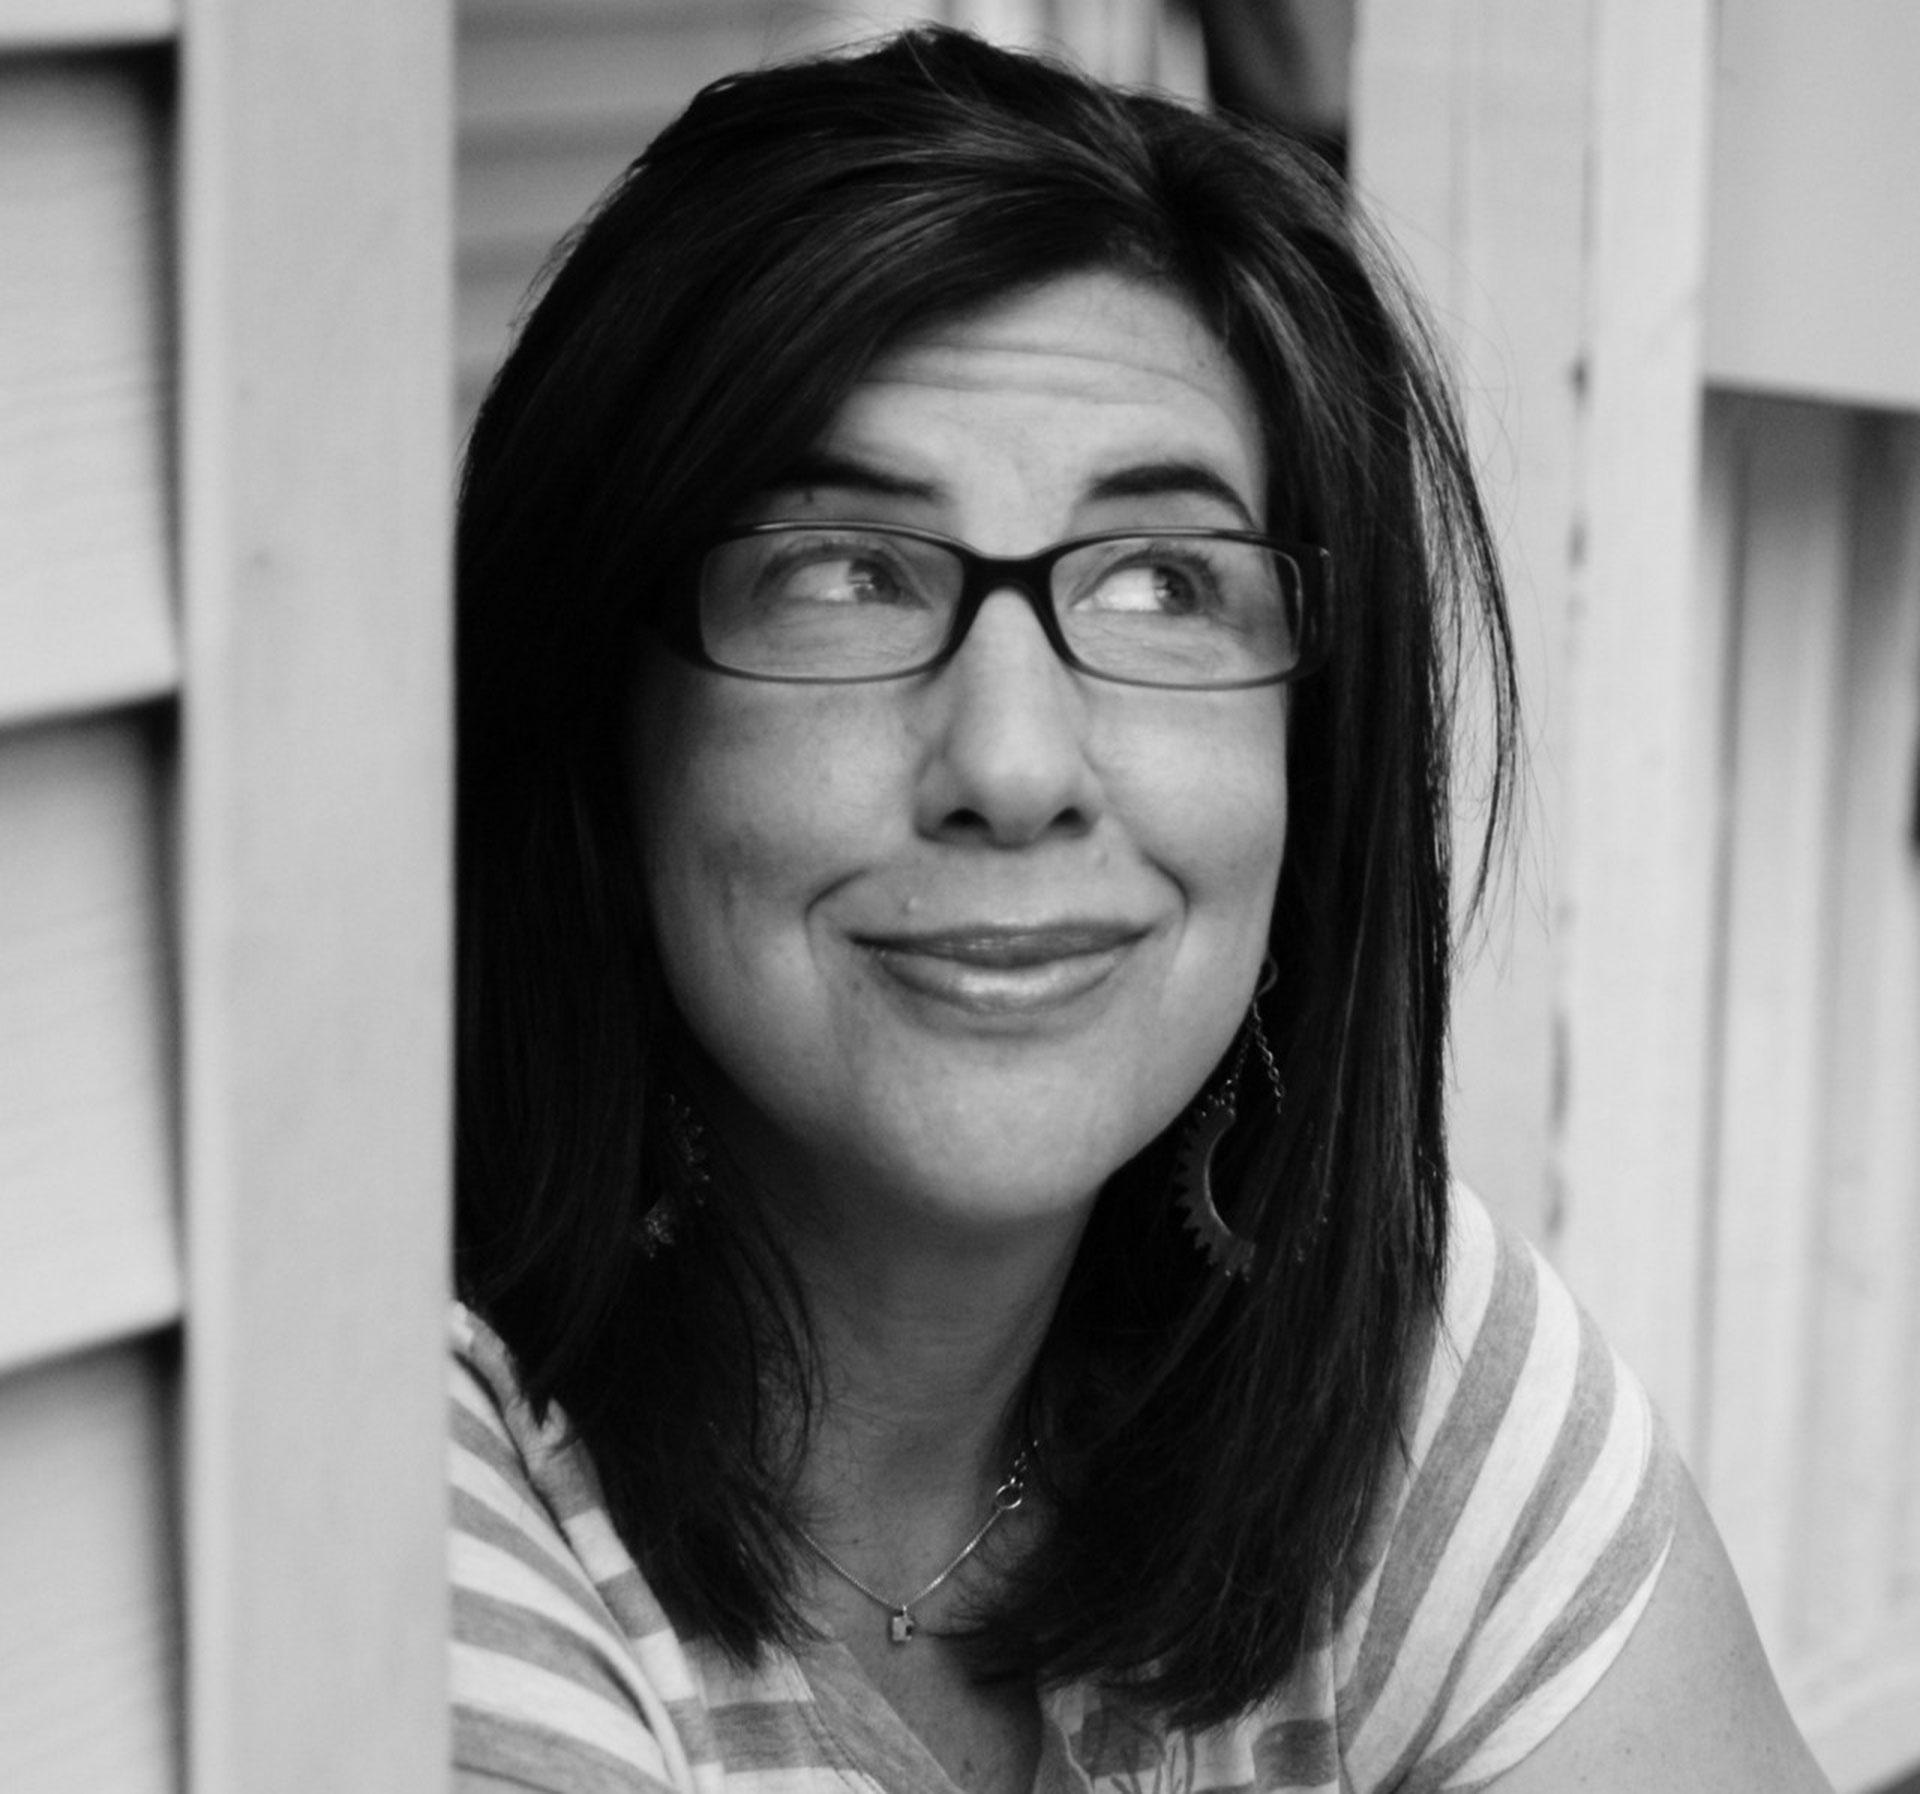 Gayle Saks es una de las más famosas blogueras sobre vida cotidiana de Nueva York